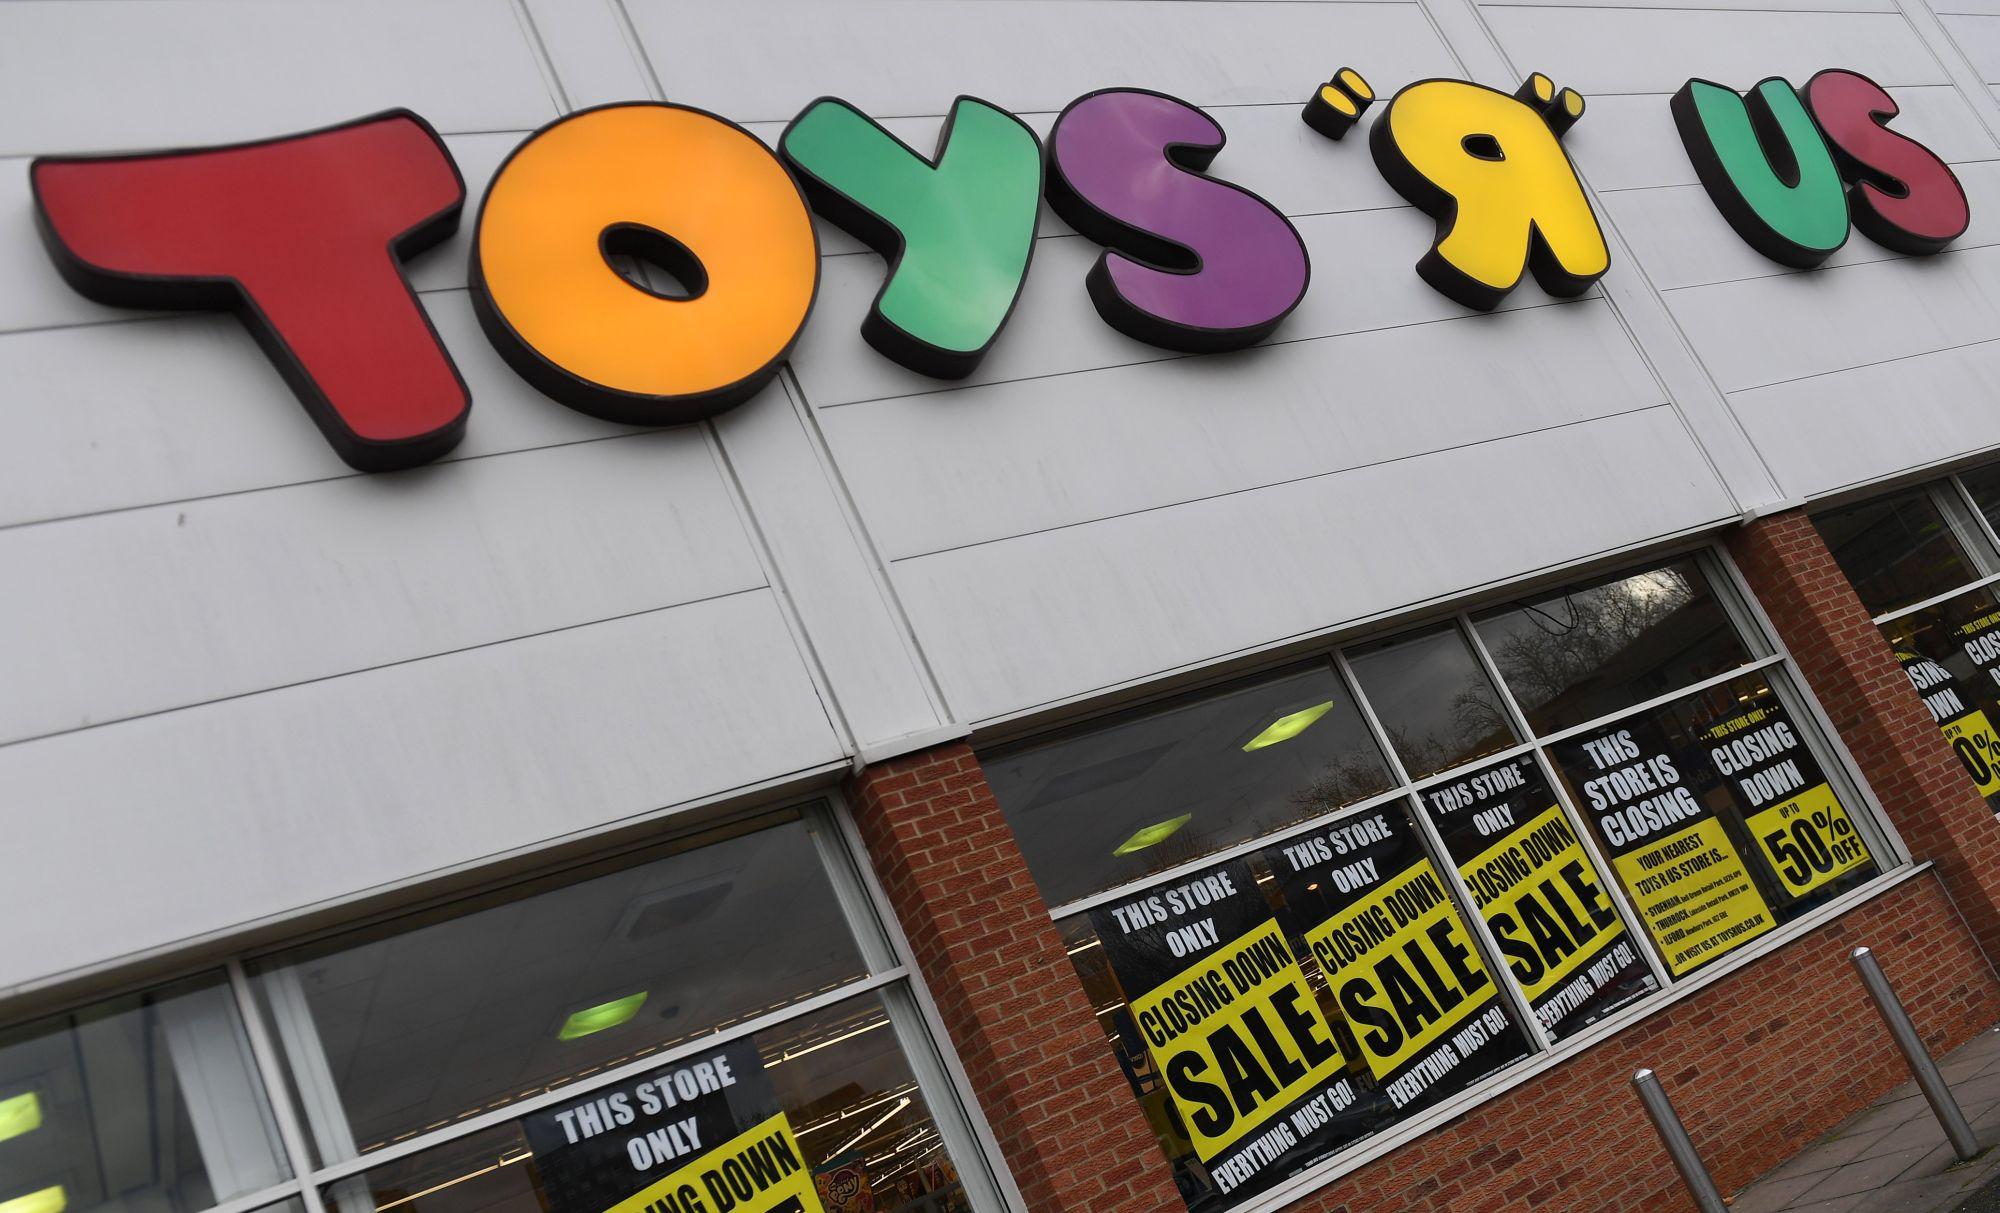 Egy bezárás előtt álló Toys R Us üzlet Londonban, Nagy-Britanniában 2018. február 9-én. Február 28-án a Toys R Us UK csődvédelmet kért, ezzel 3000 munkahely vált bizonytalanná. EPA/ANDY RAIN